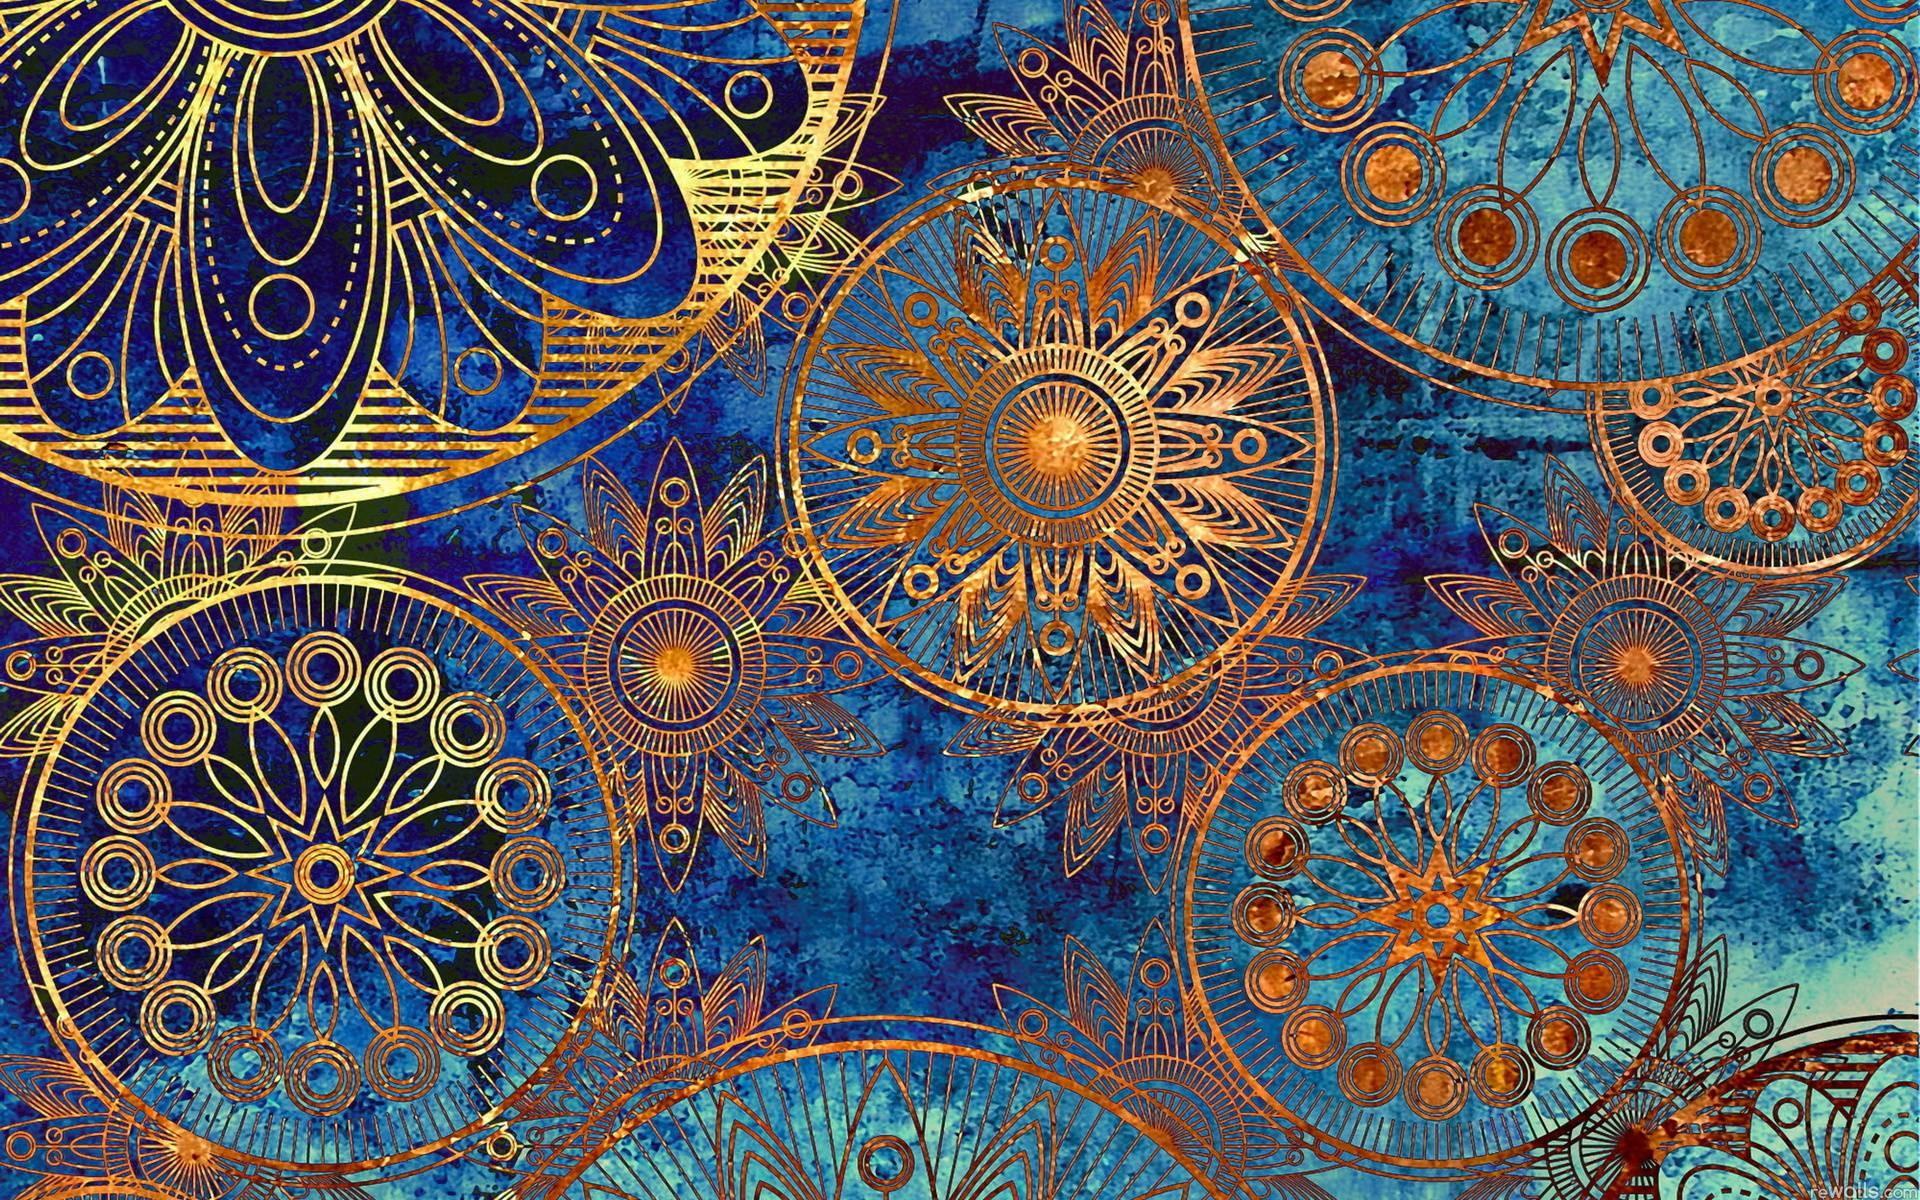 Indie Boho Vintage Wallpaper | Free HD Desktop Wallpapers for .